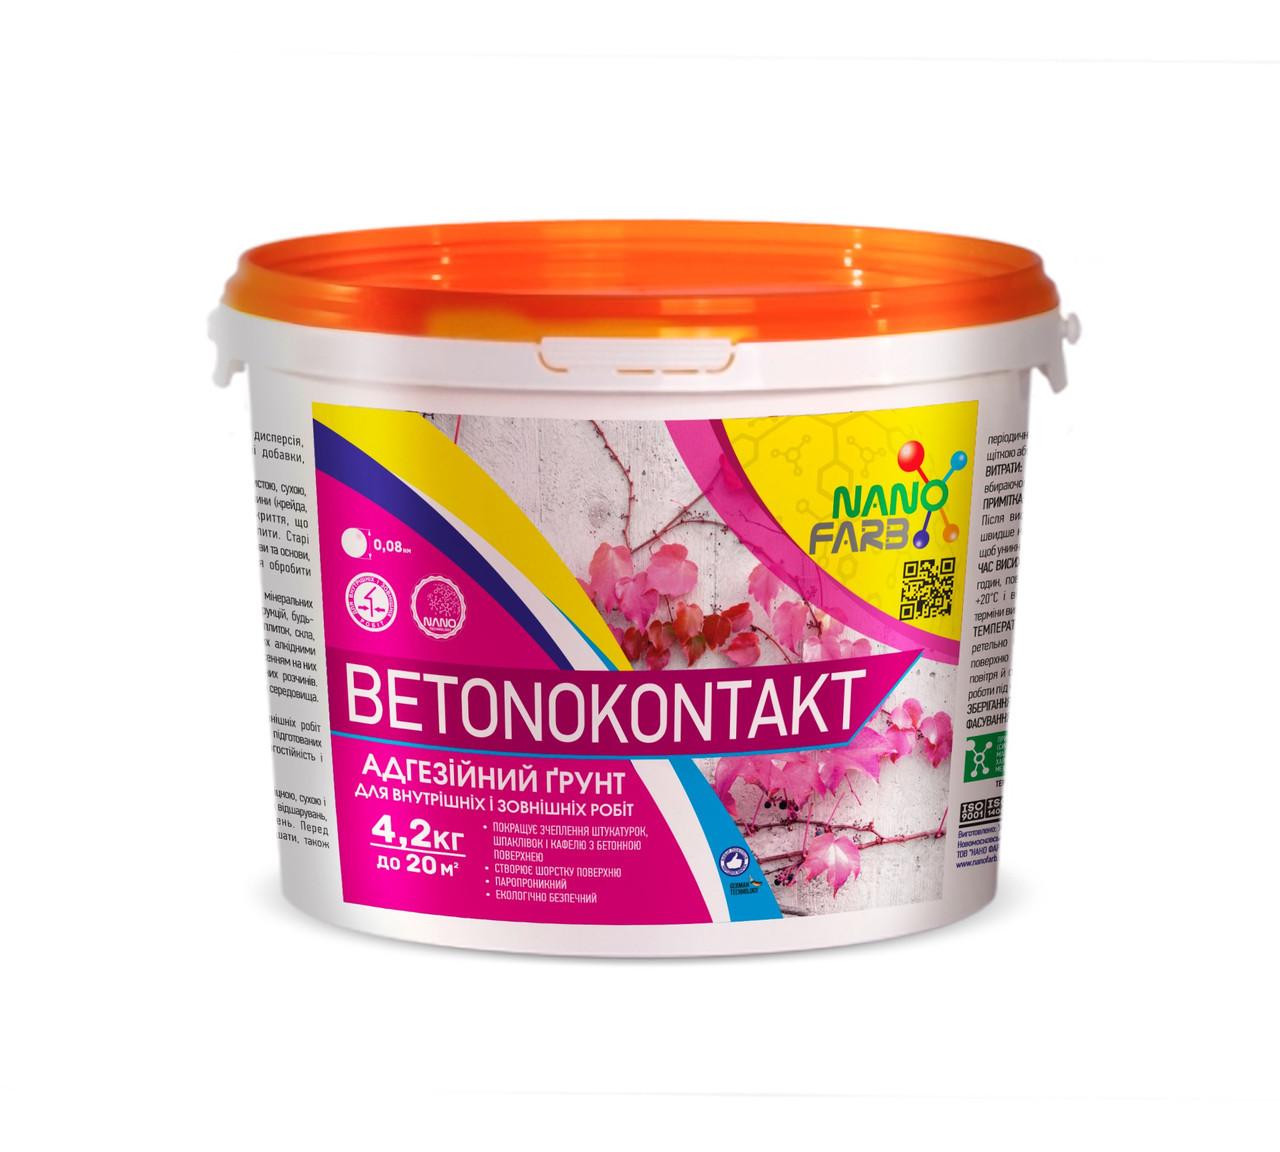 Адгезионная грунтовка универсальная Betonokontakt Nano farb 4.2 кг